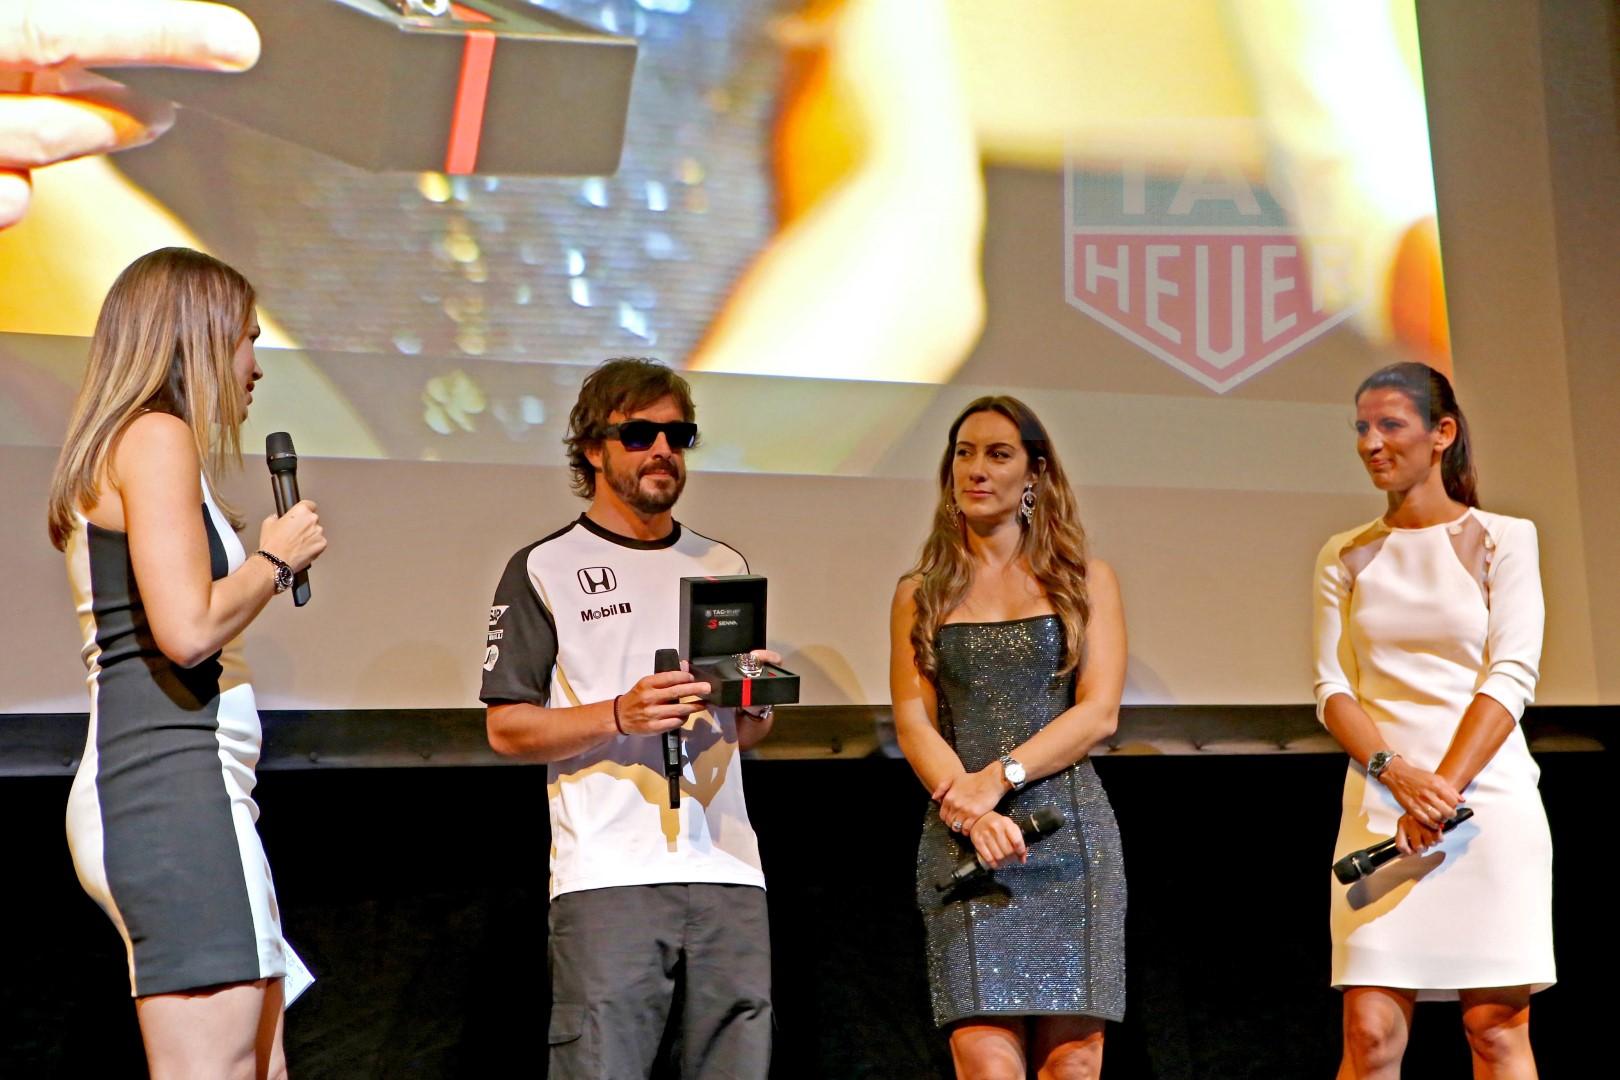 De Izquierda a derecha: la periodista Nira Juanco, Fernando Alonso, Biana Senna y Blanca Panzano, Directora General de TAG Heuer España